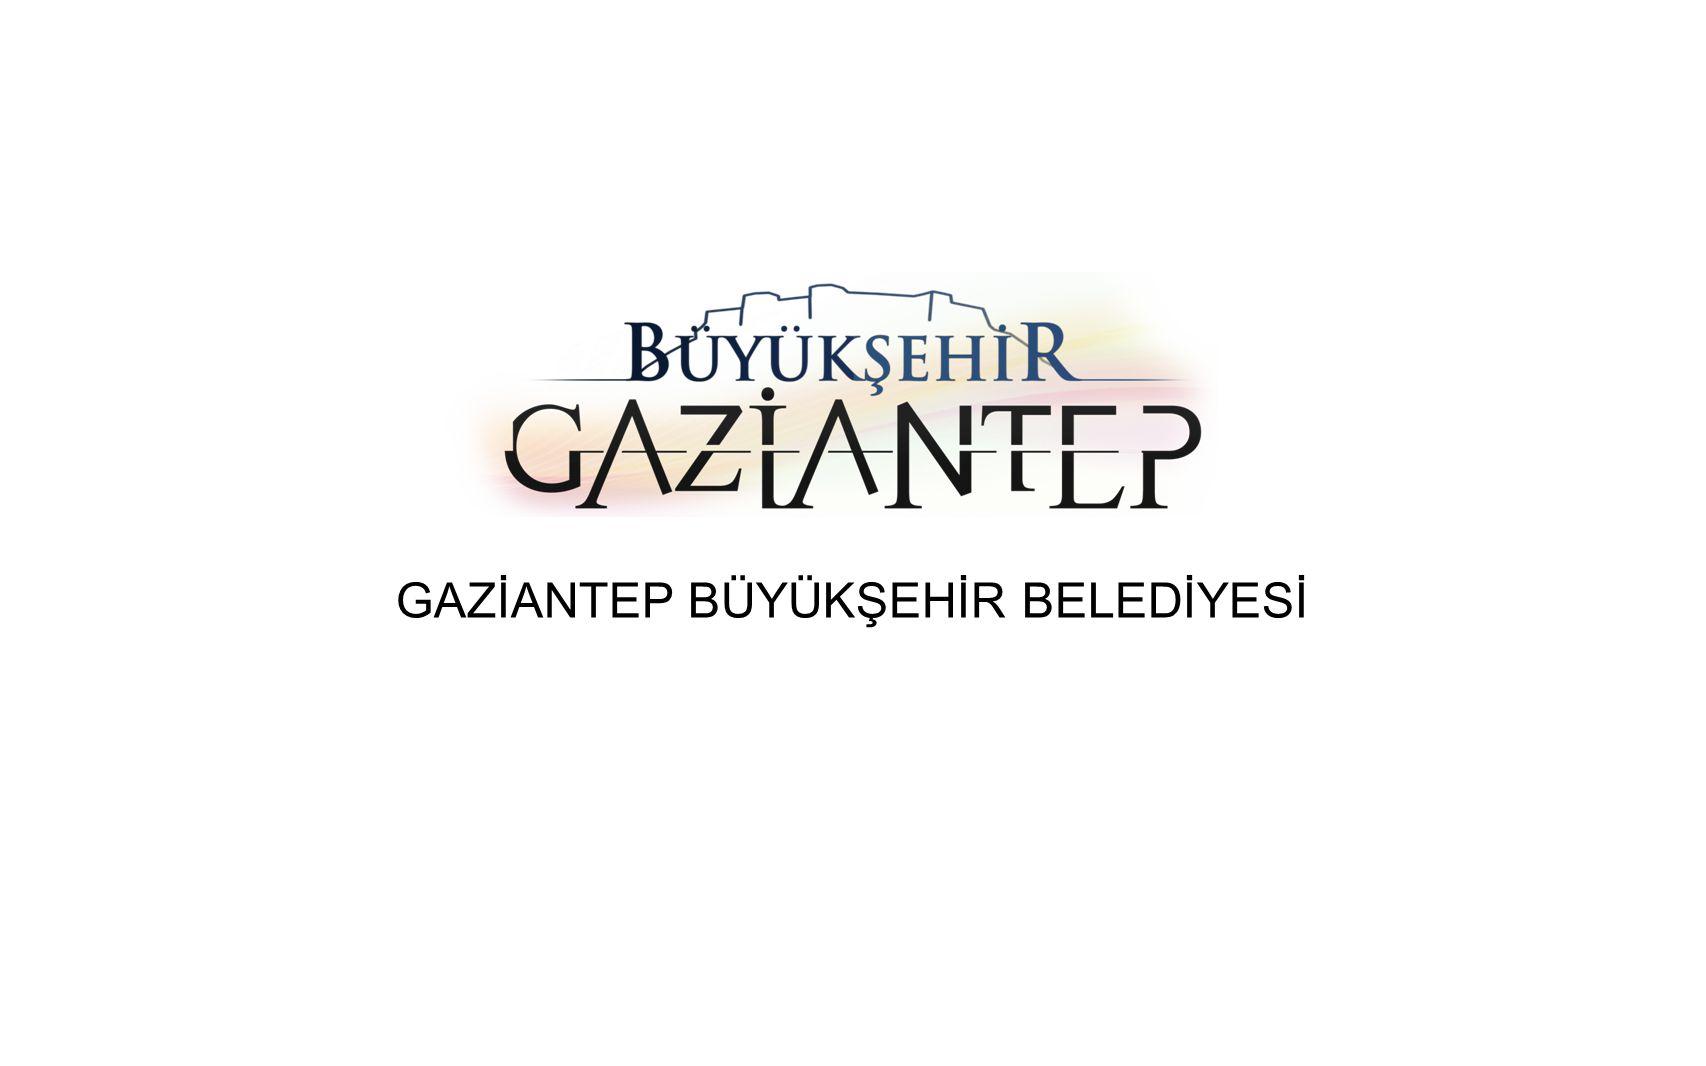 Gaziantep ilimizin gelişen ve gelişmekte olan bölgeleri daha iyi kavrayabilmek belediye olarak daha kolay müdahalalerde bulunabilmek ve planlamada daha iyi betimleme yapabilmek için 2012 yılında 90100 HA lık alanı kapsayan uydu haritalarımız yenilenmiştir.